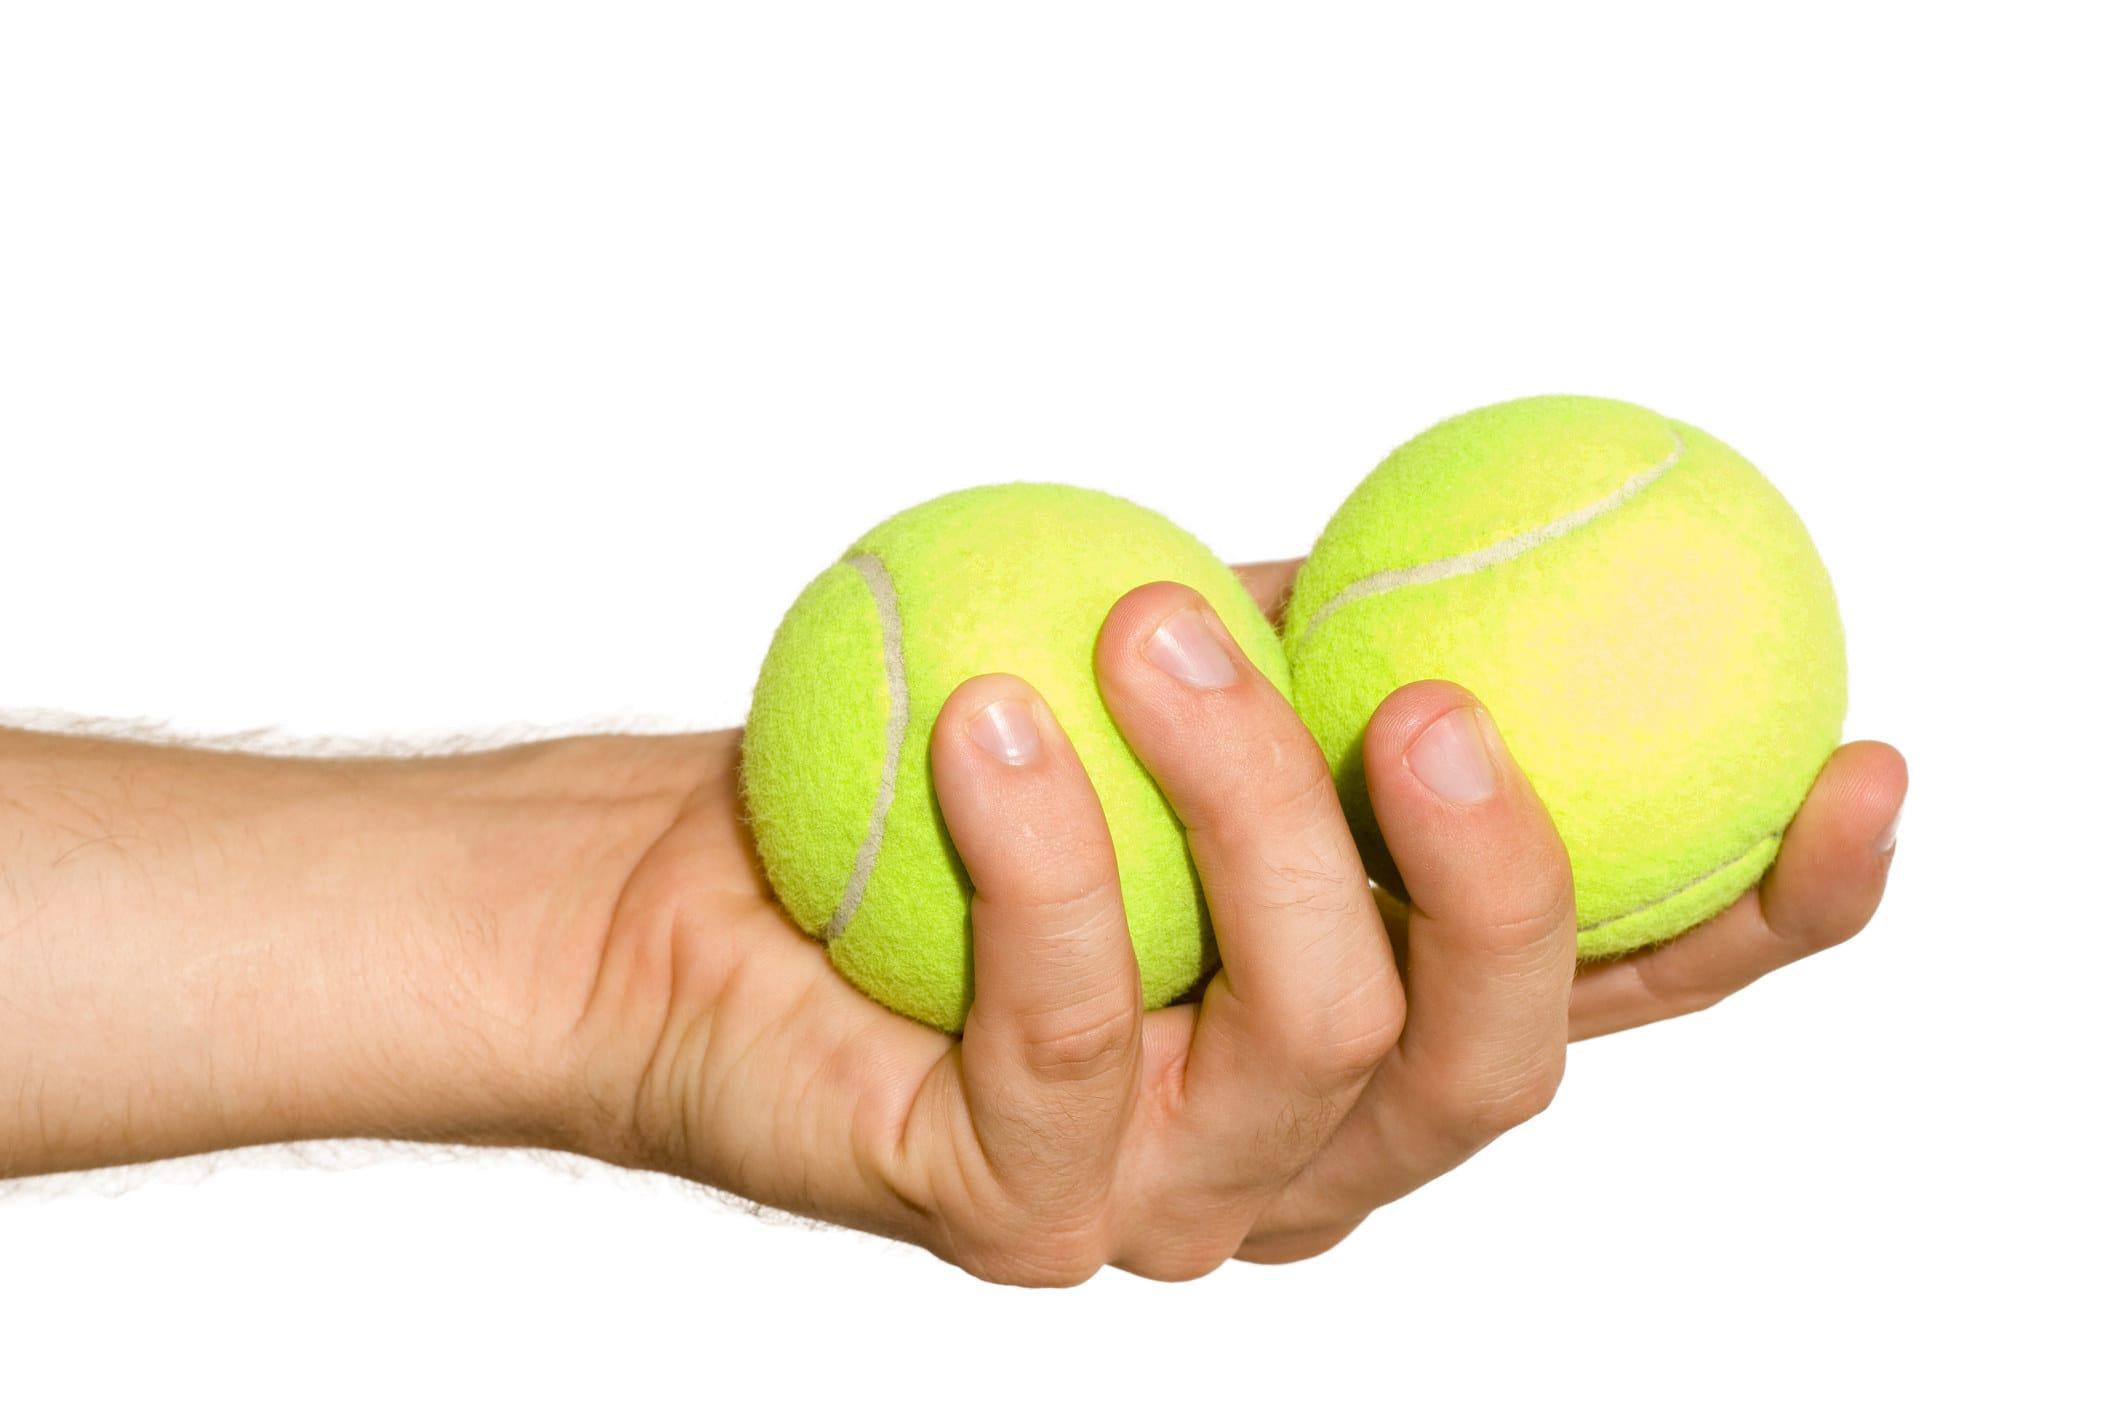 mão segurando duas bolas de tênis